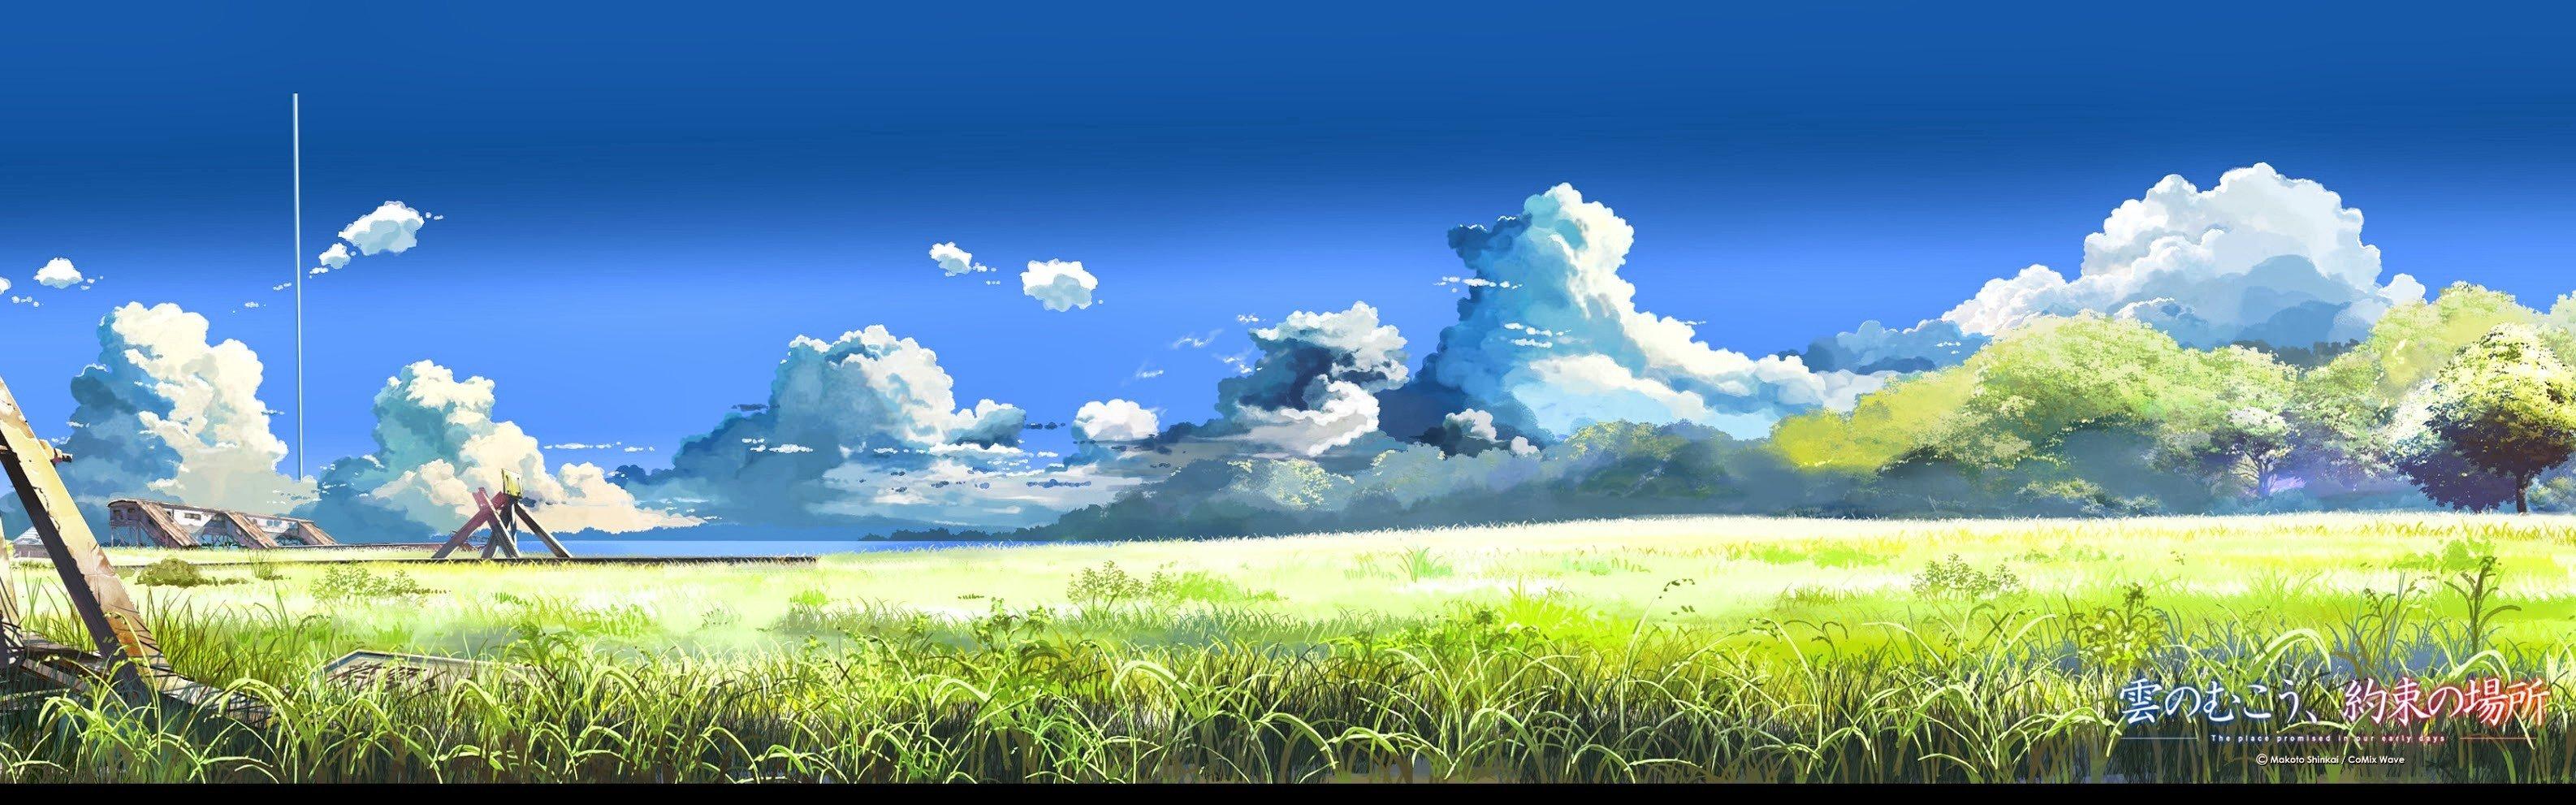 5 Centimeters Per Second Makoto Shinkai Field Clouds Sky